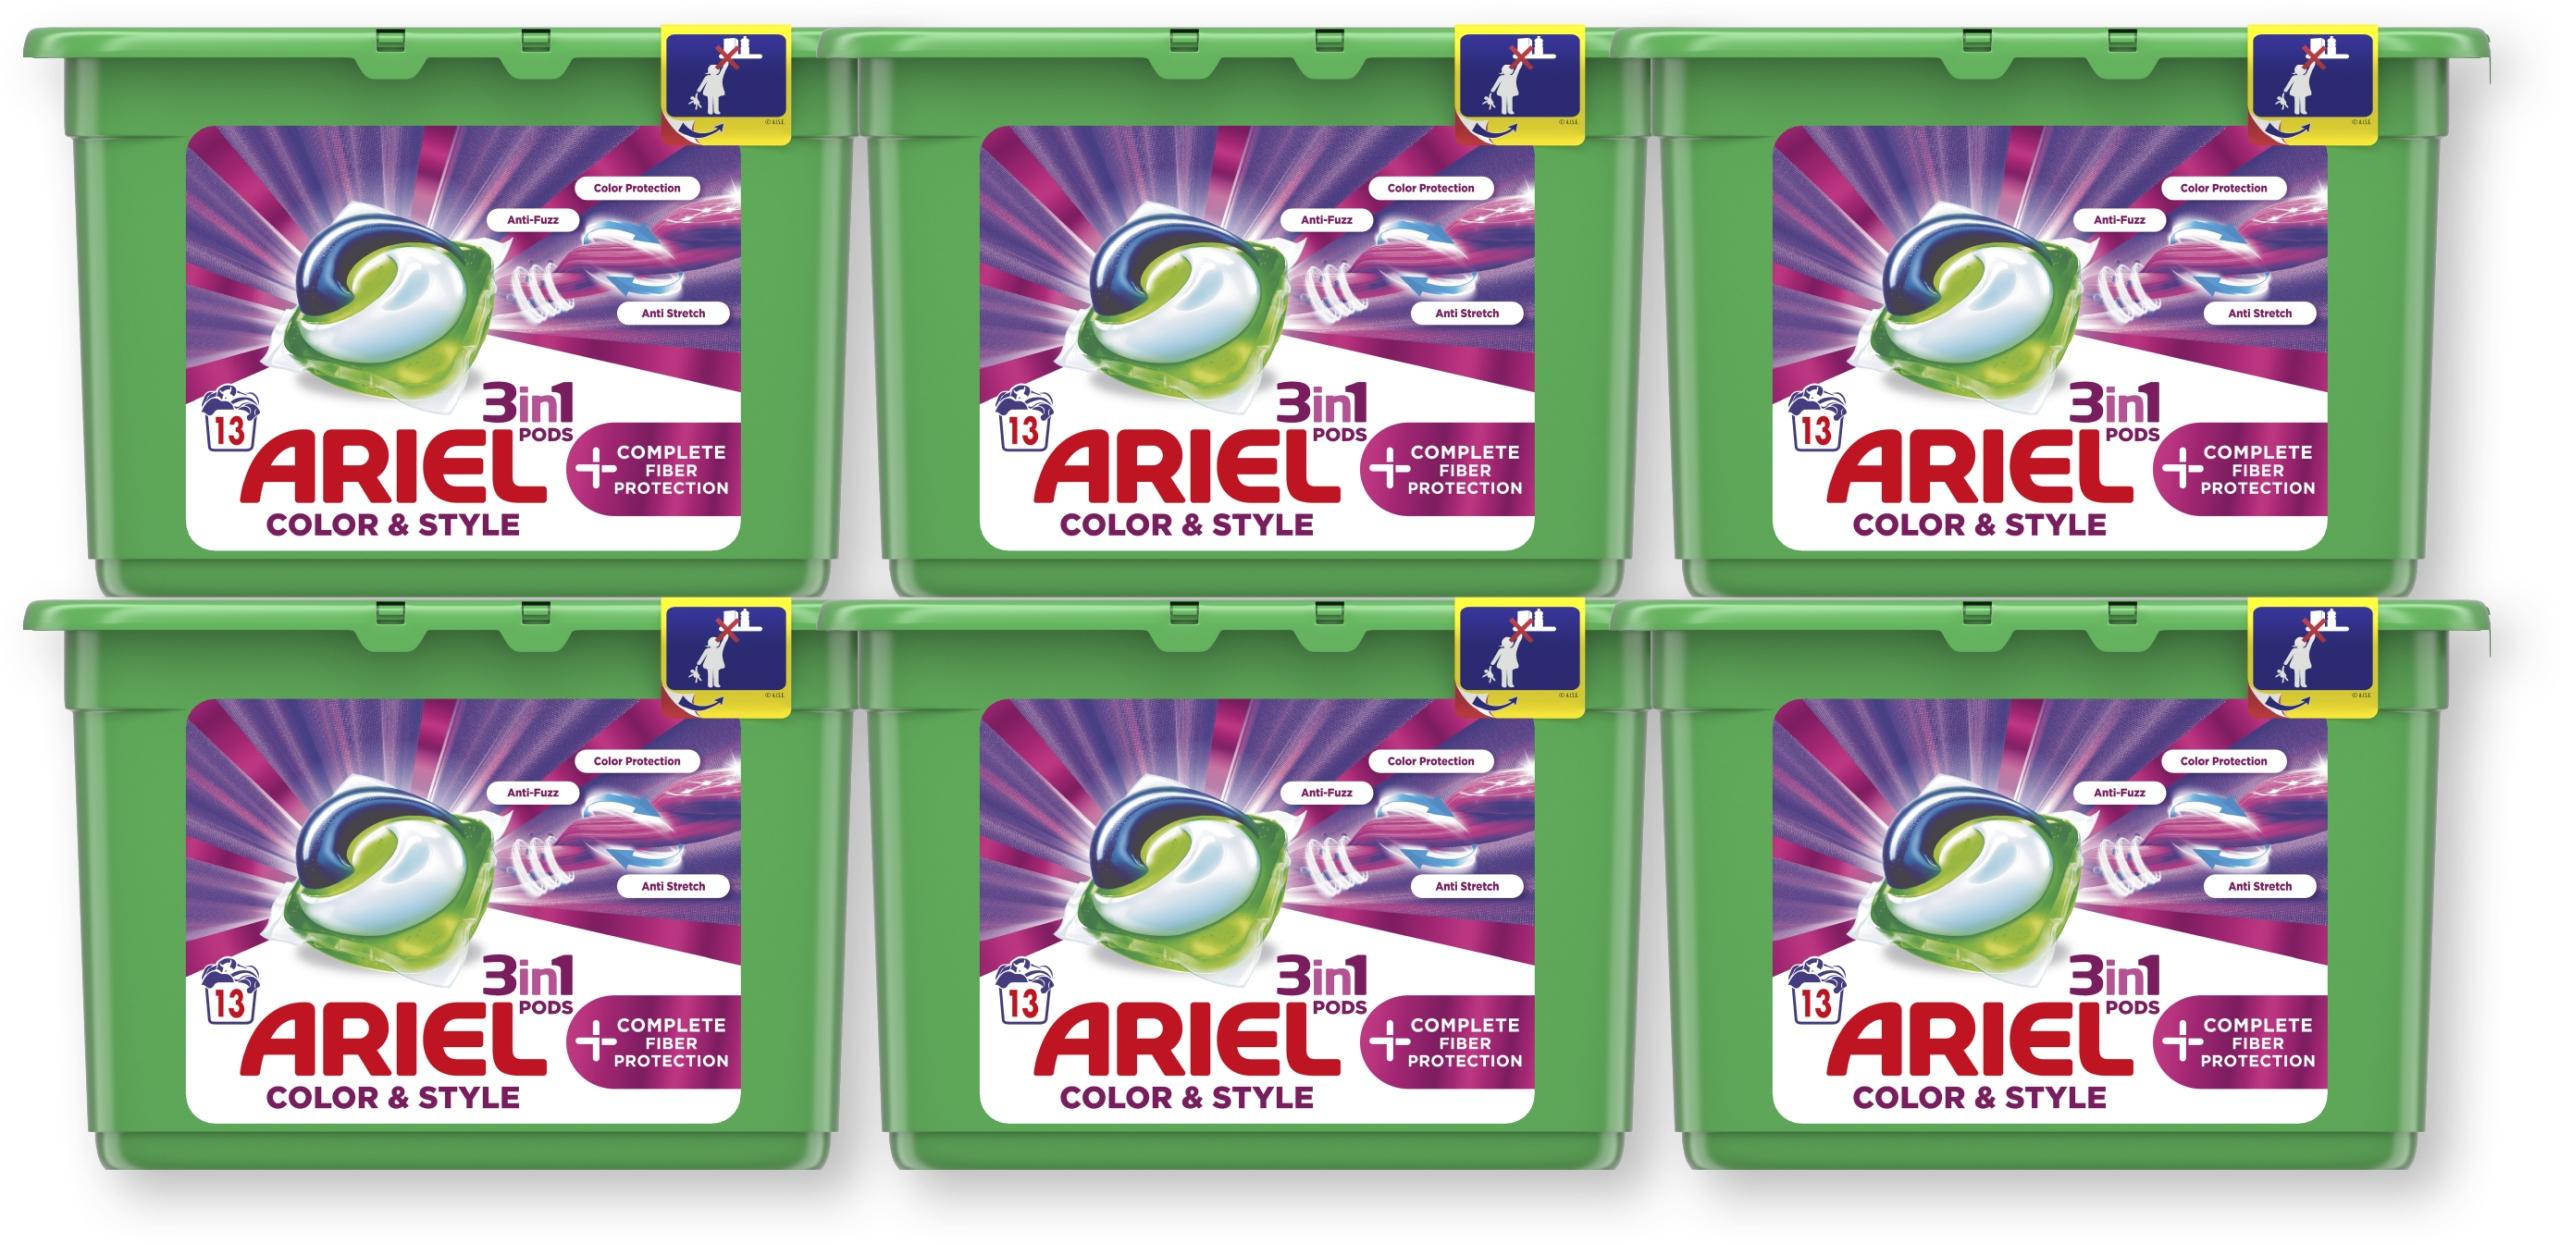 Ariel kapsułki do prania Complete 6x13 szt